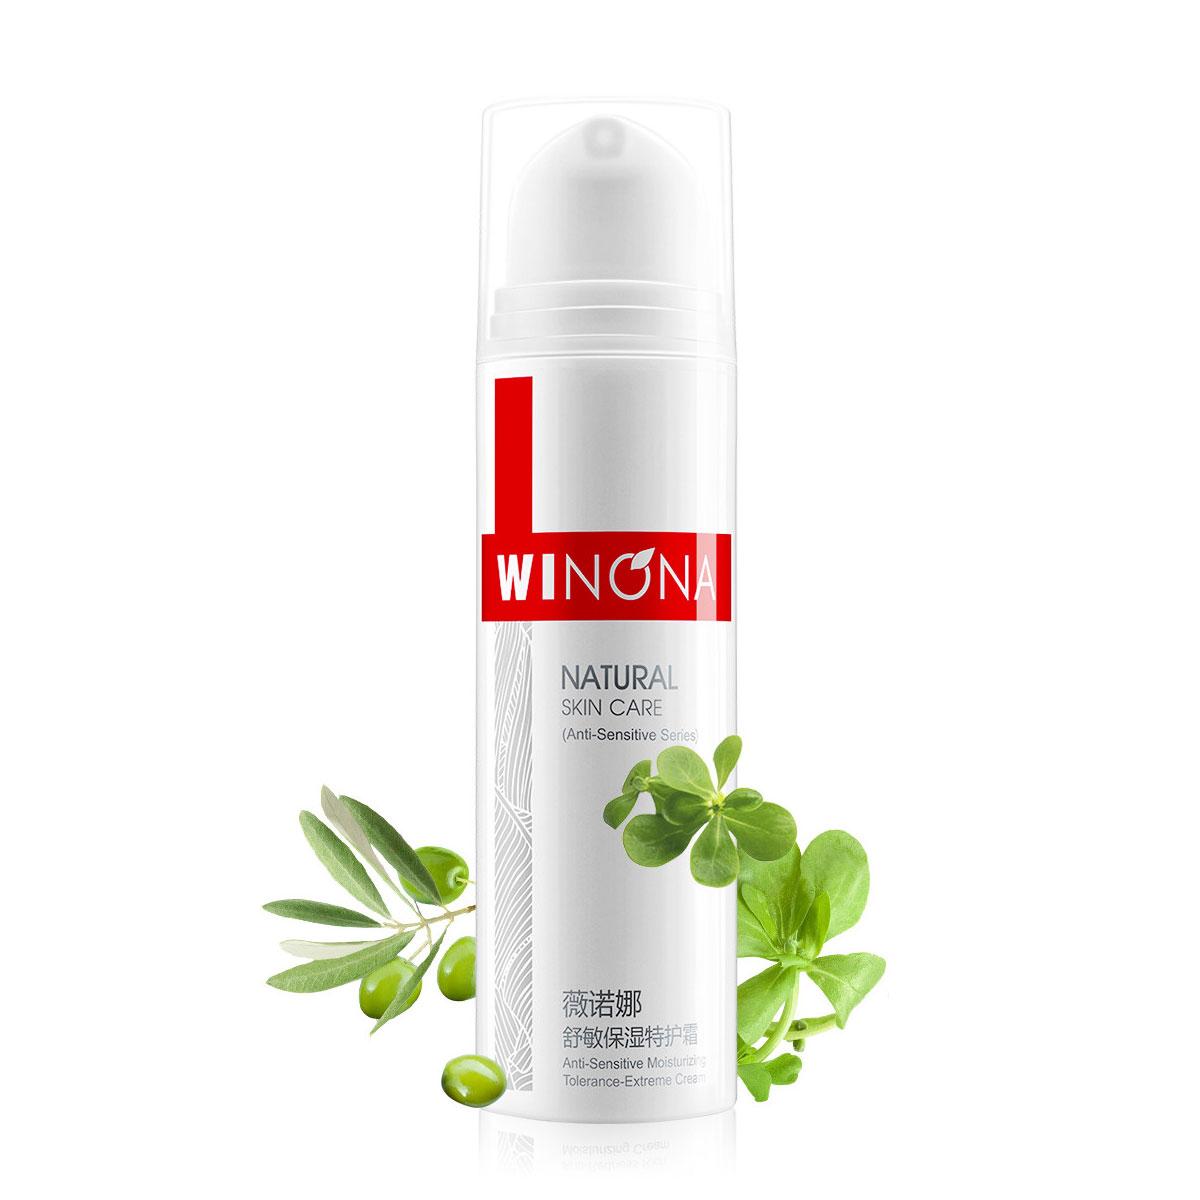 薇诺娜是哪个国家的牌子是医用护肤品吗 薇诺娜防晒喷雾怎么样